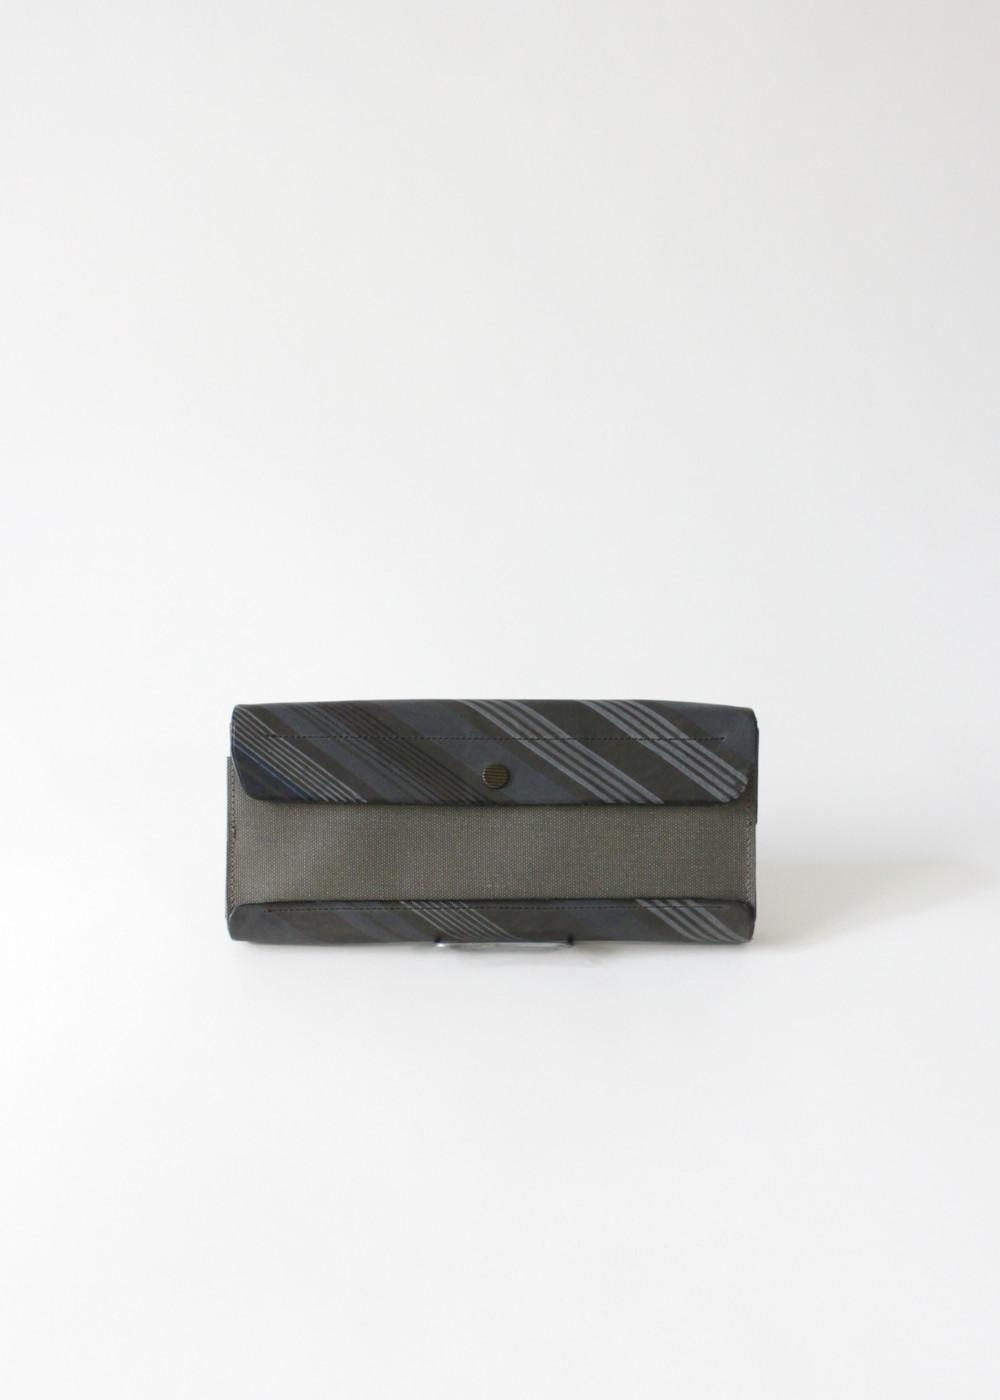 Postalco-WheelPrintedToolBox1